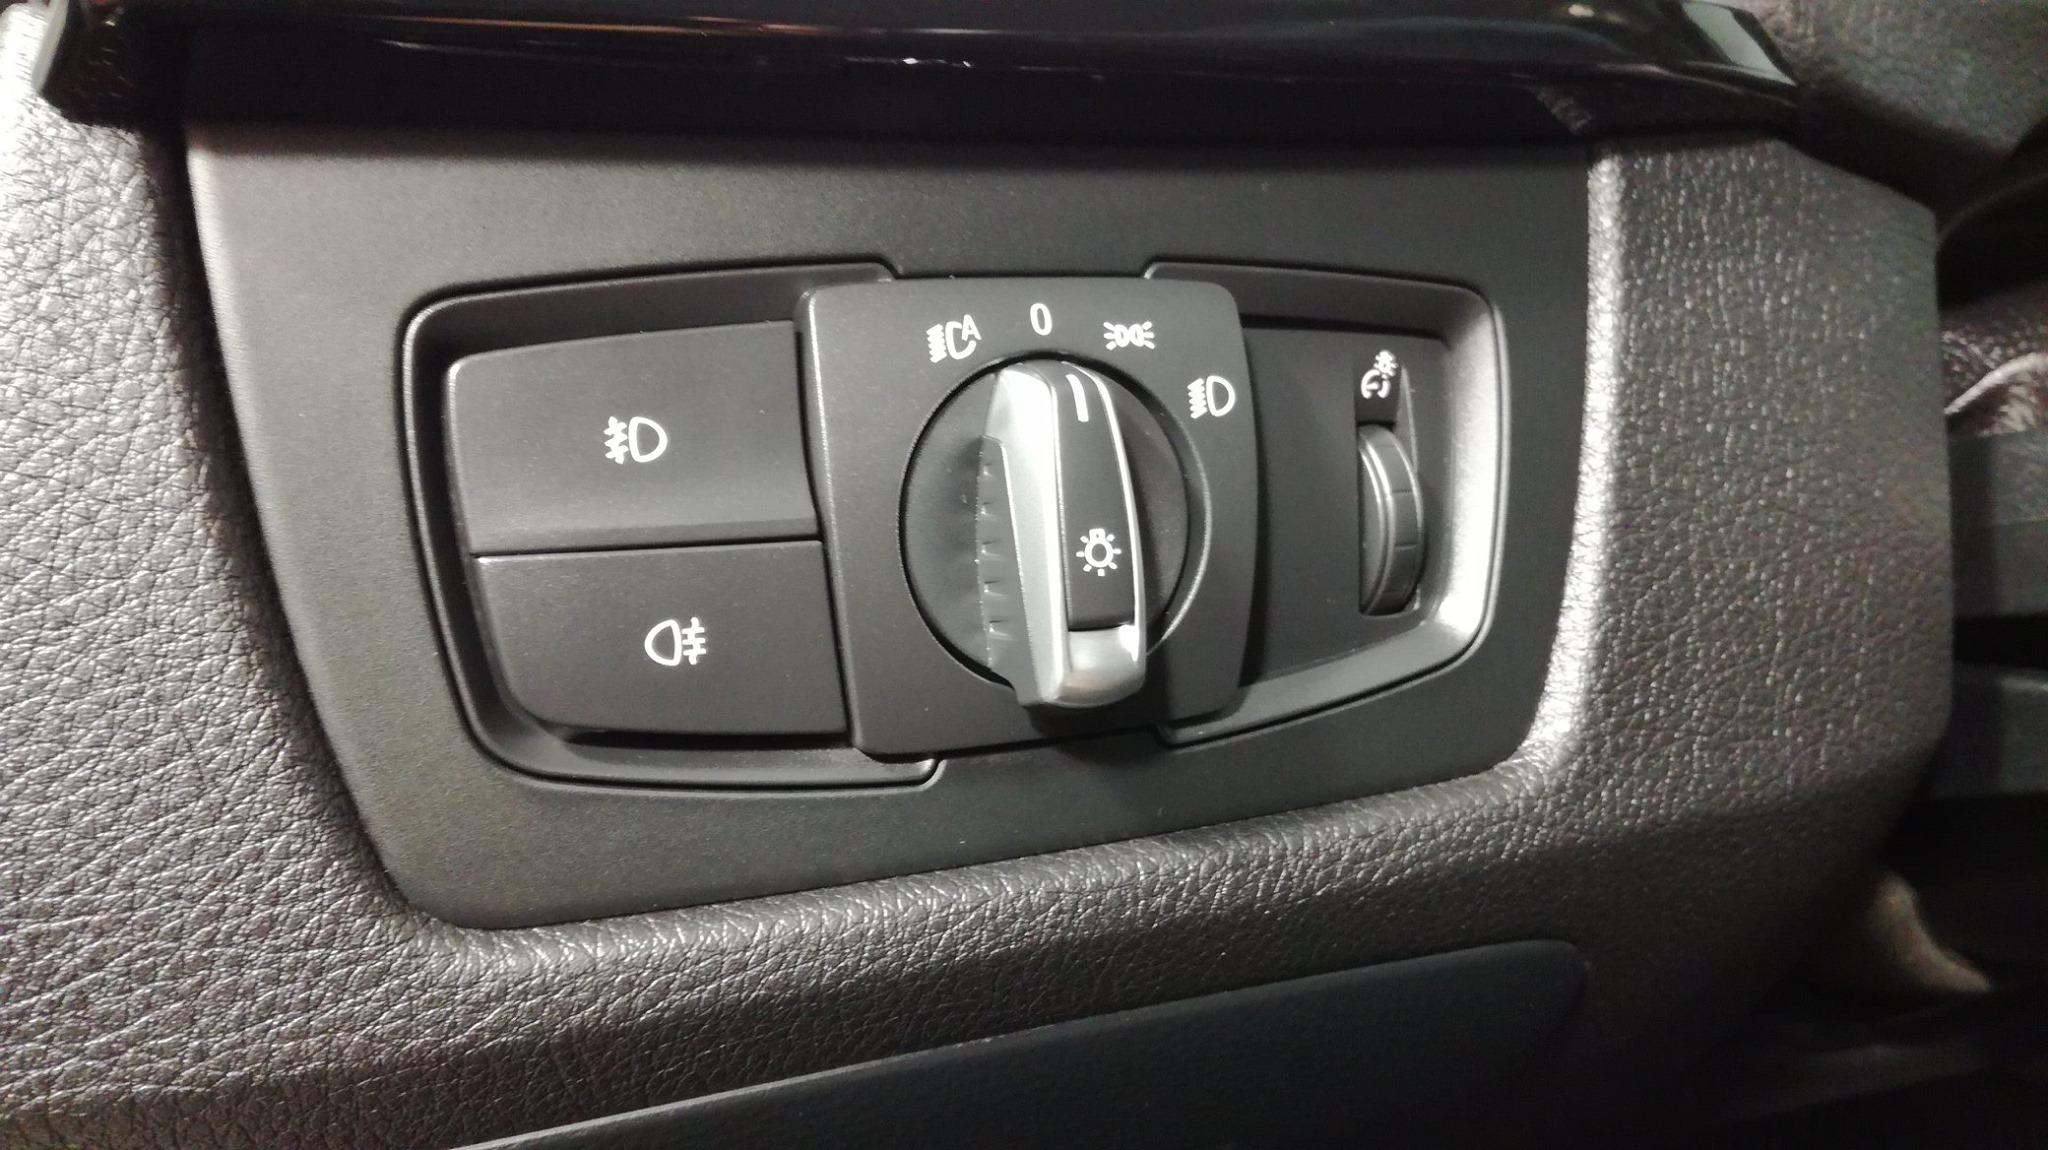 Naše TOP Detailingová služba - Čištění interiérů automobilů AUTO detailing - KRAUS GARAGE